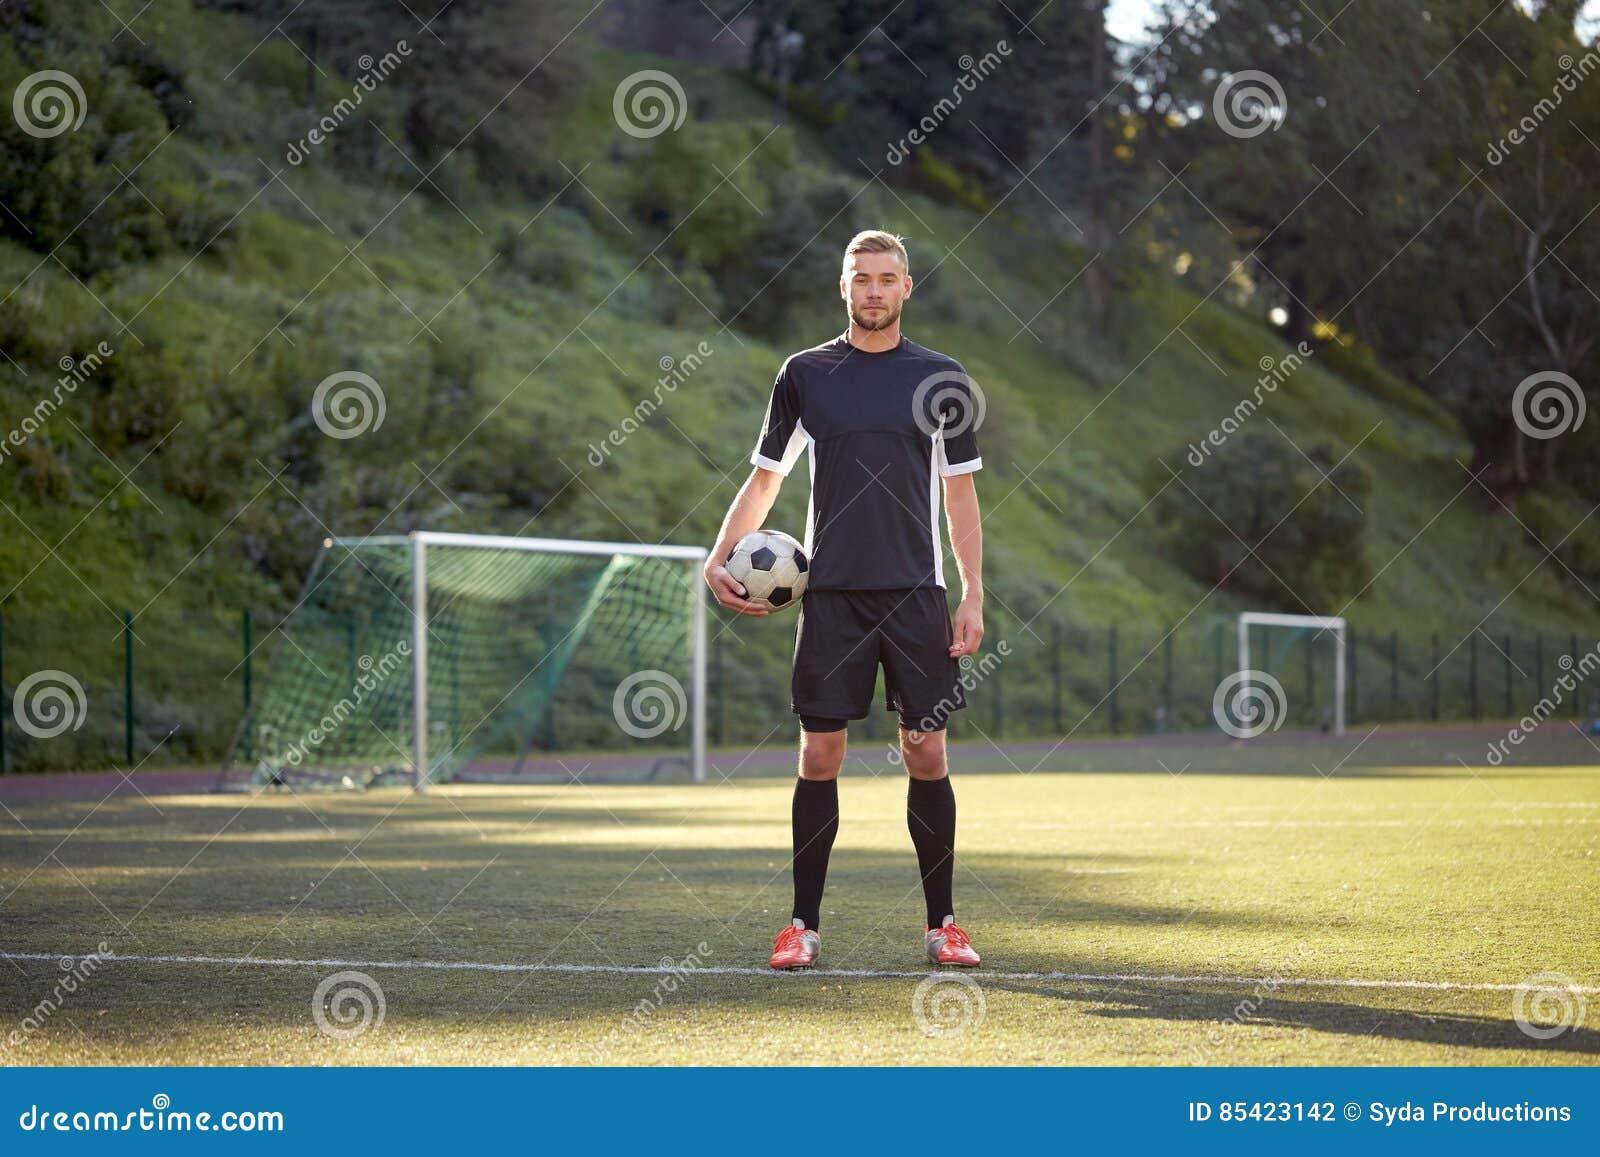 Ποδοσφαιριστής με τη σφαίρα στο αγωνιστικό χώρο ποδοσφαίρου